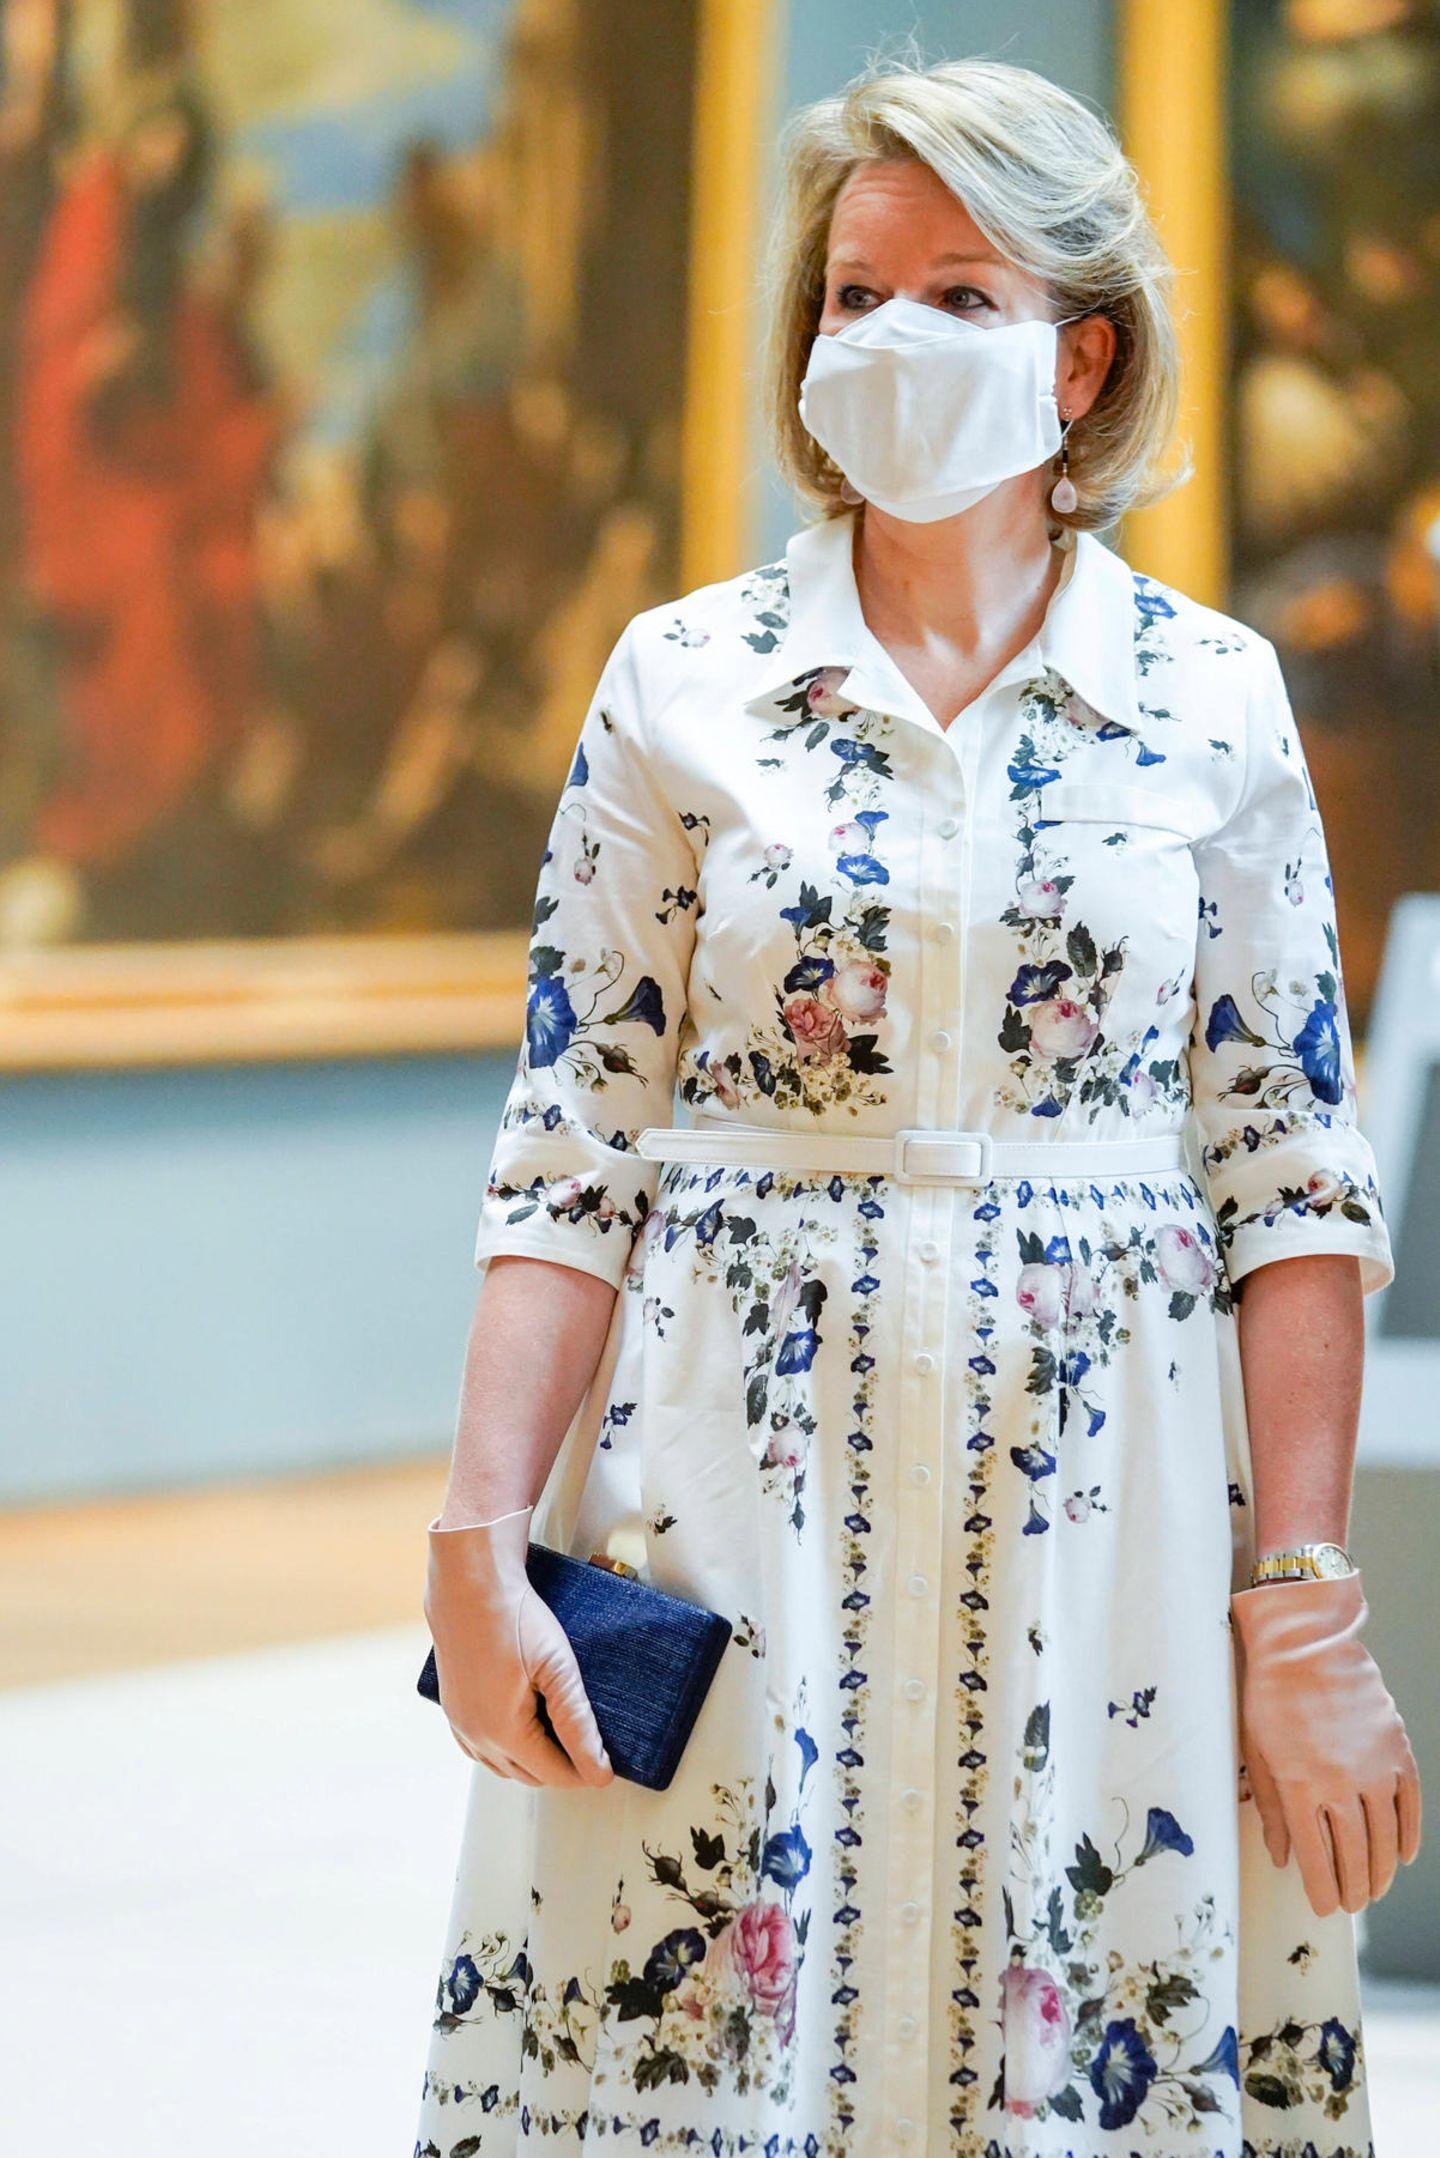 """Flower Power! Beim Besuch des """"Old Masters Museum"""" in Brüssel trägt Königin Mathilde von Belgien ein wunderschönes weißes Kleid mit buntem floralen Muster von Erdem für rund 1700 Euro. Dazu kombiniert sie eine edle, mit dunkelblauem Stoff überzogene Clutch mit goldenem Verschluss, apricotfarbene Lederhandschuhe und den momentan obligatorischen Mundschutz. Die belgische Monarchin ist jedoch nicht die Erste, die Gefallen an diesem sommerlichen Kleid findet."""